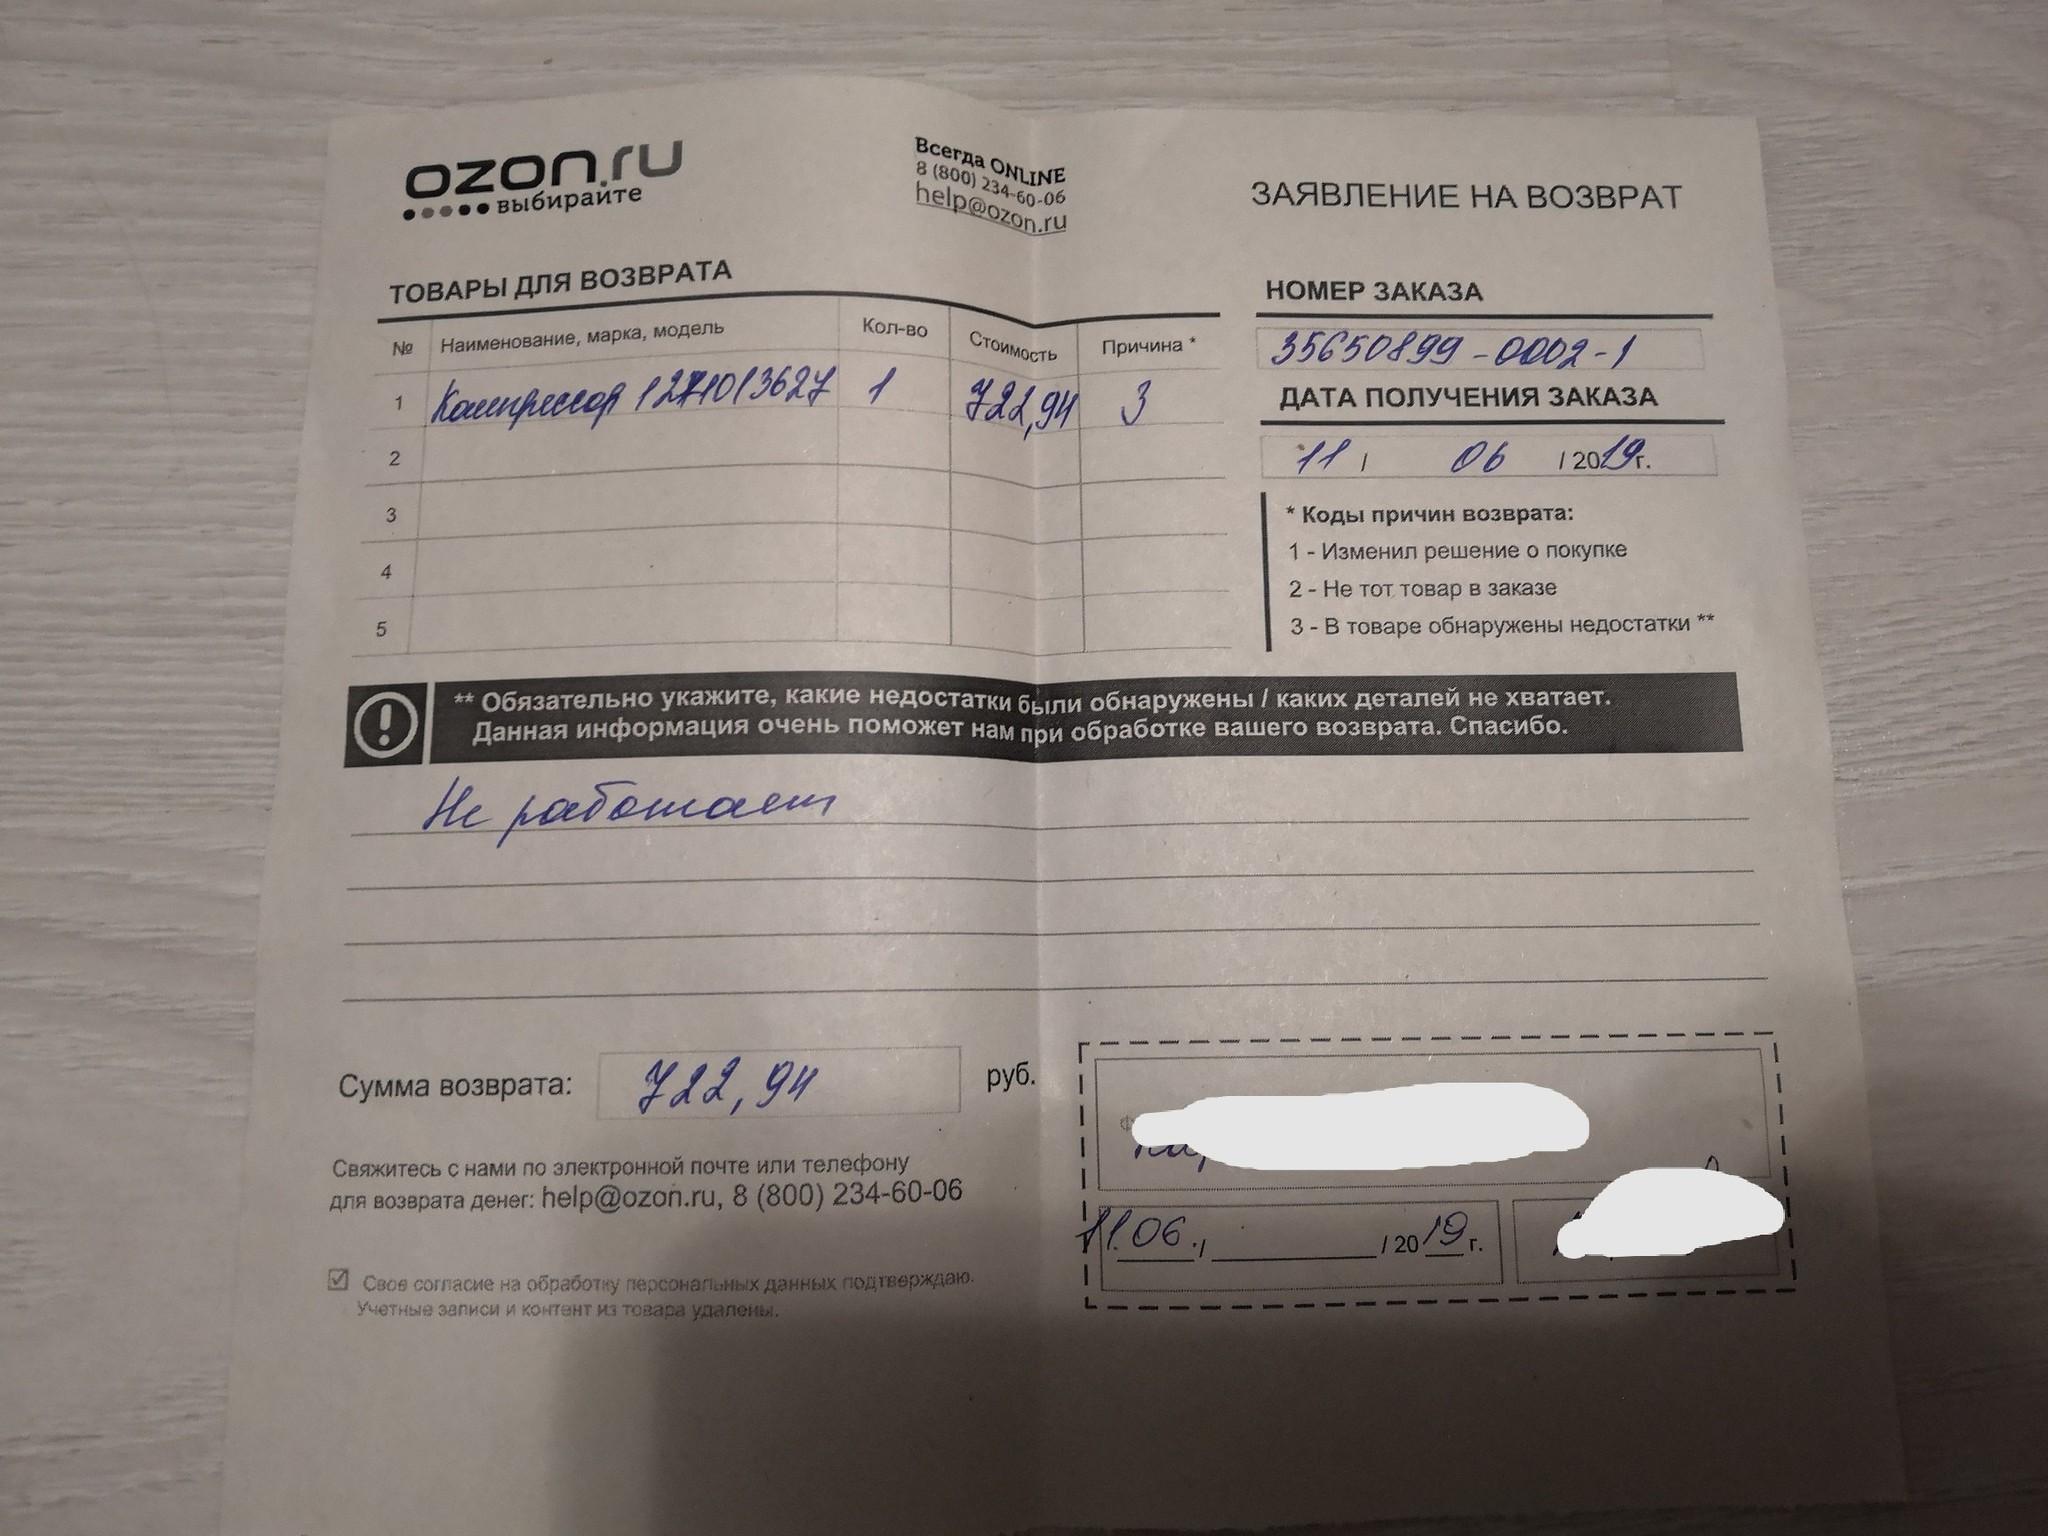 Ozon покупка в кредит